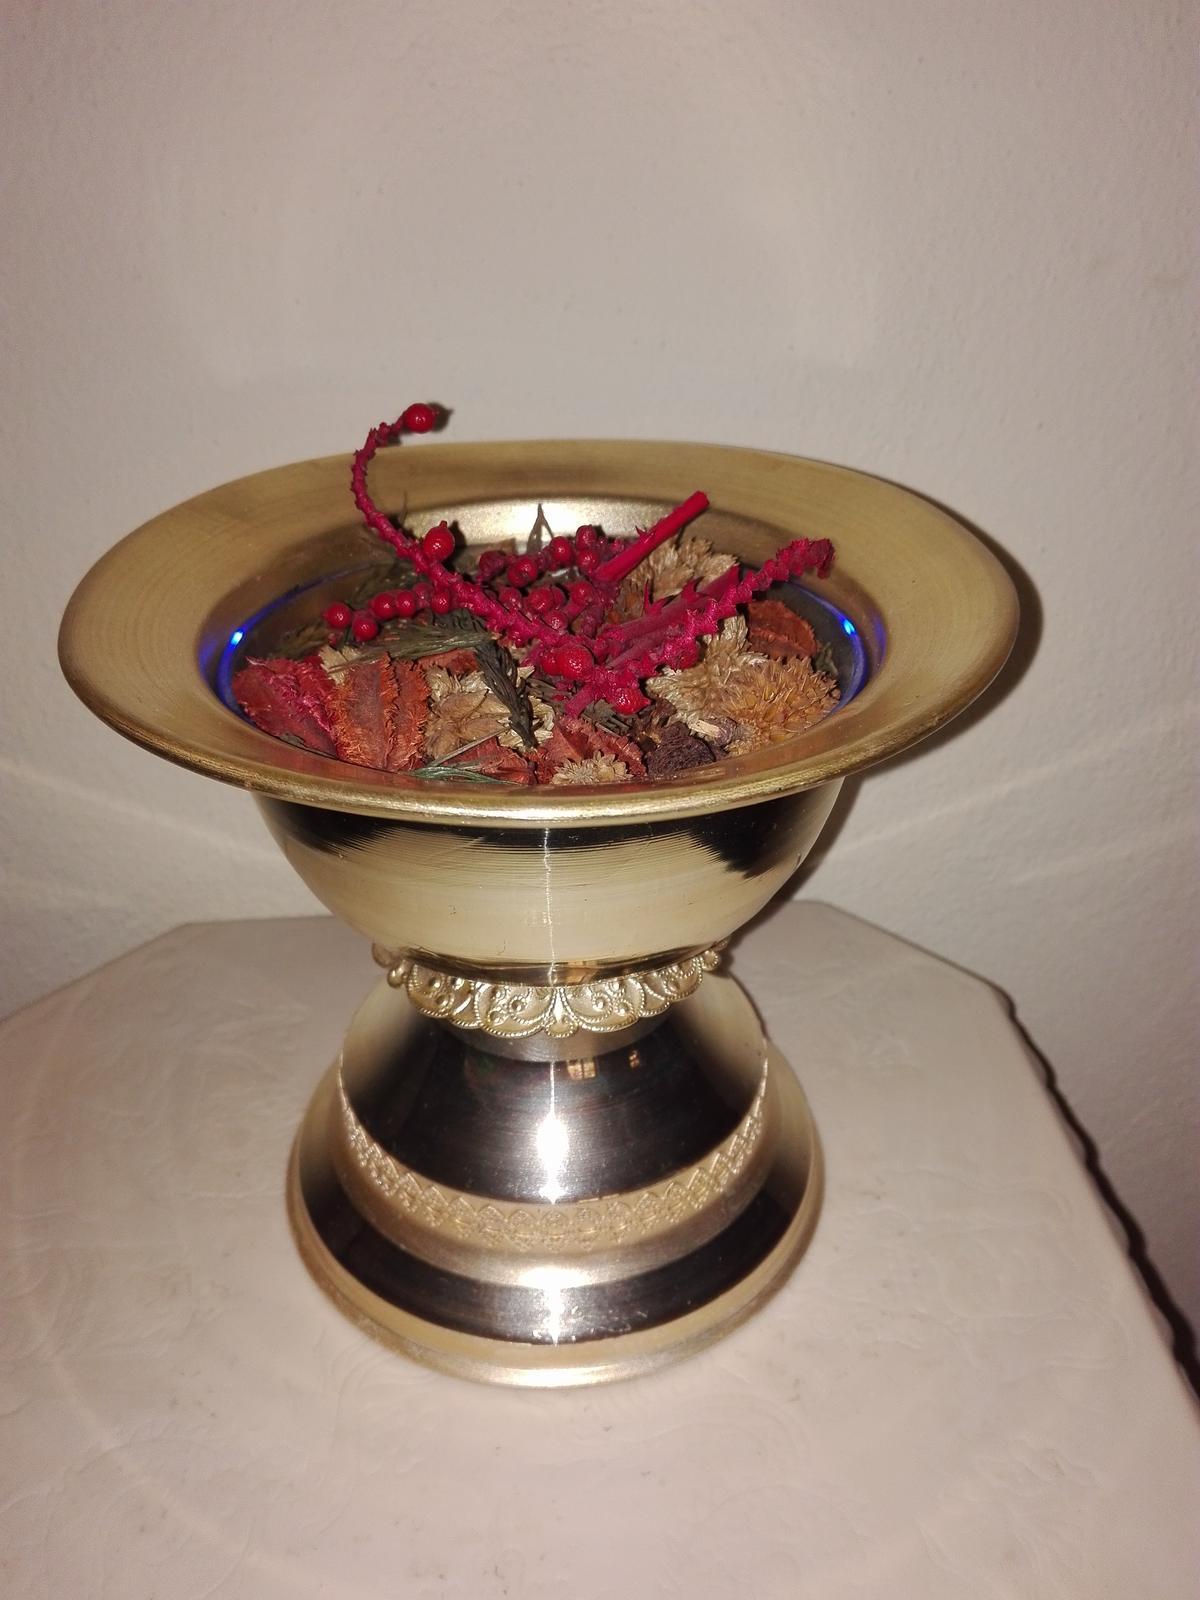 Strieborná starožitná nádoba - Obrázok č. 3